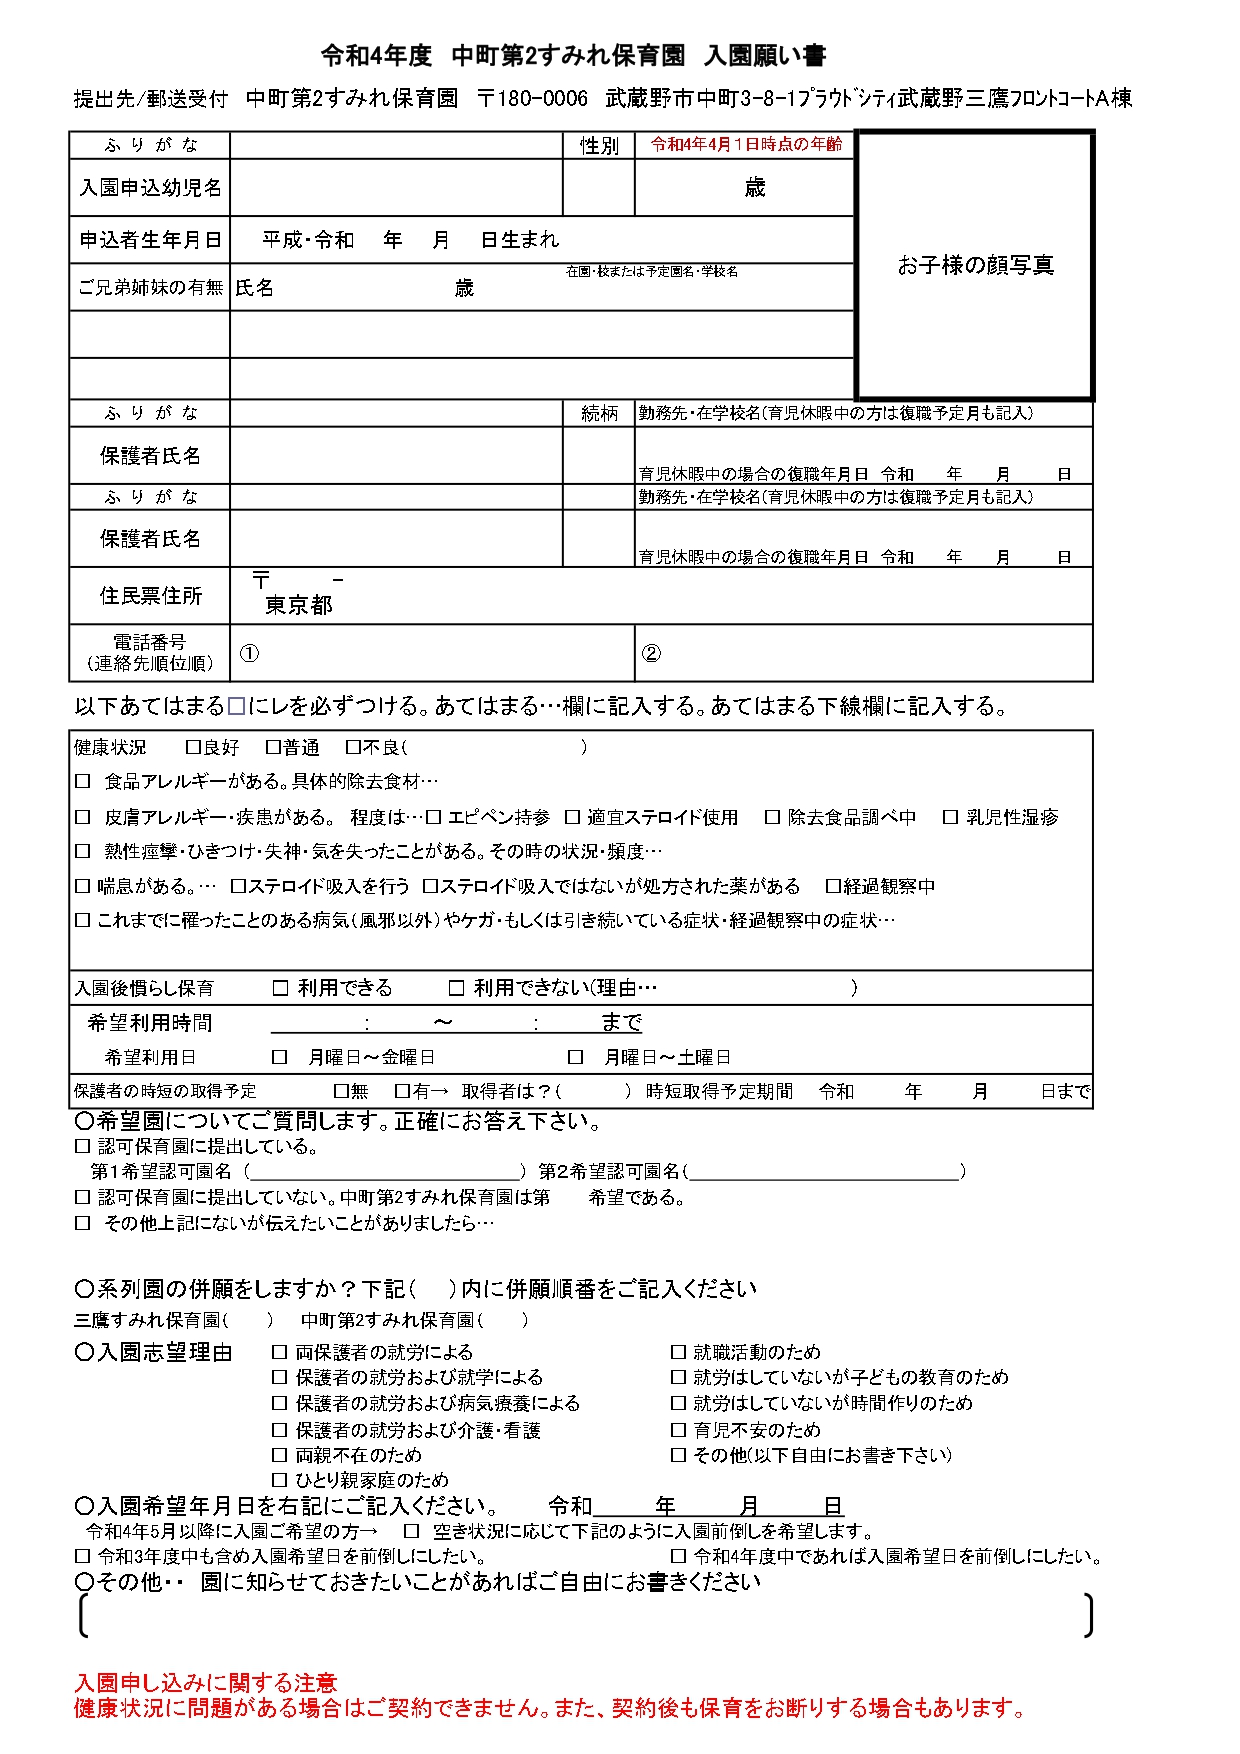 中町第2すみれ保育園入園願書R4_page-0001